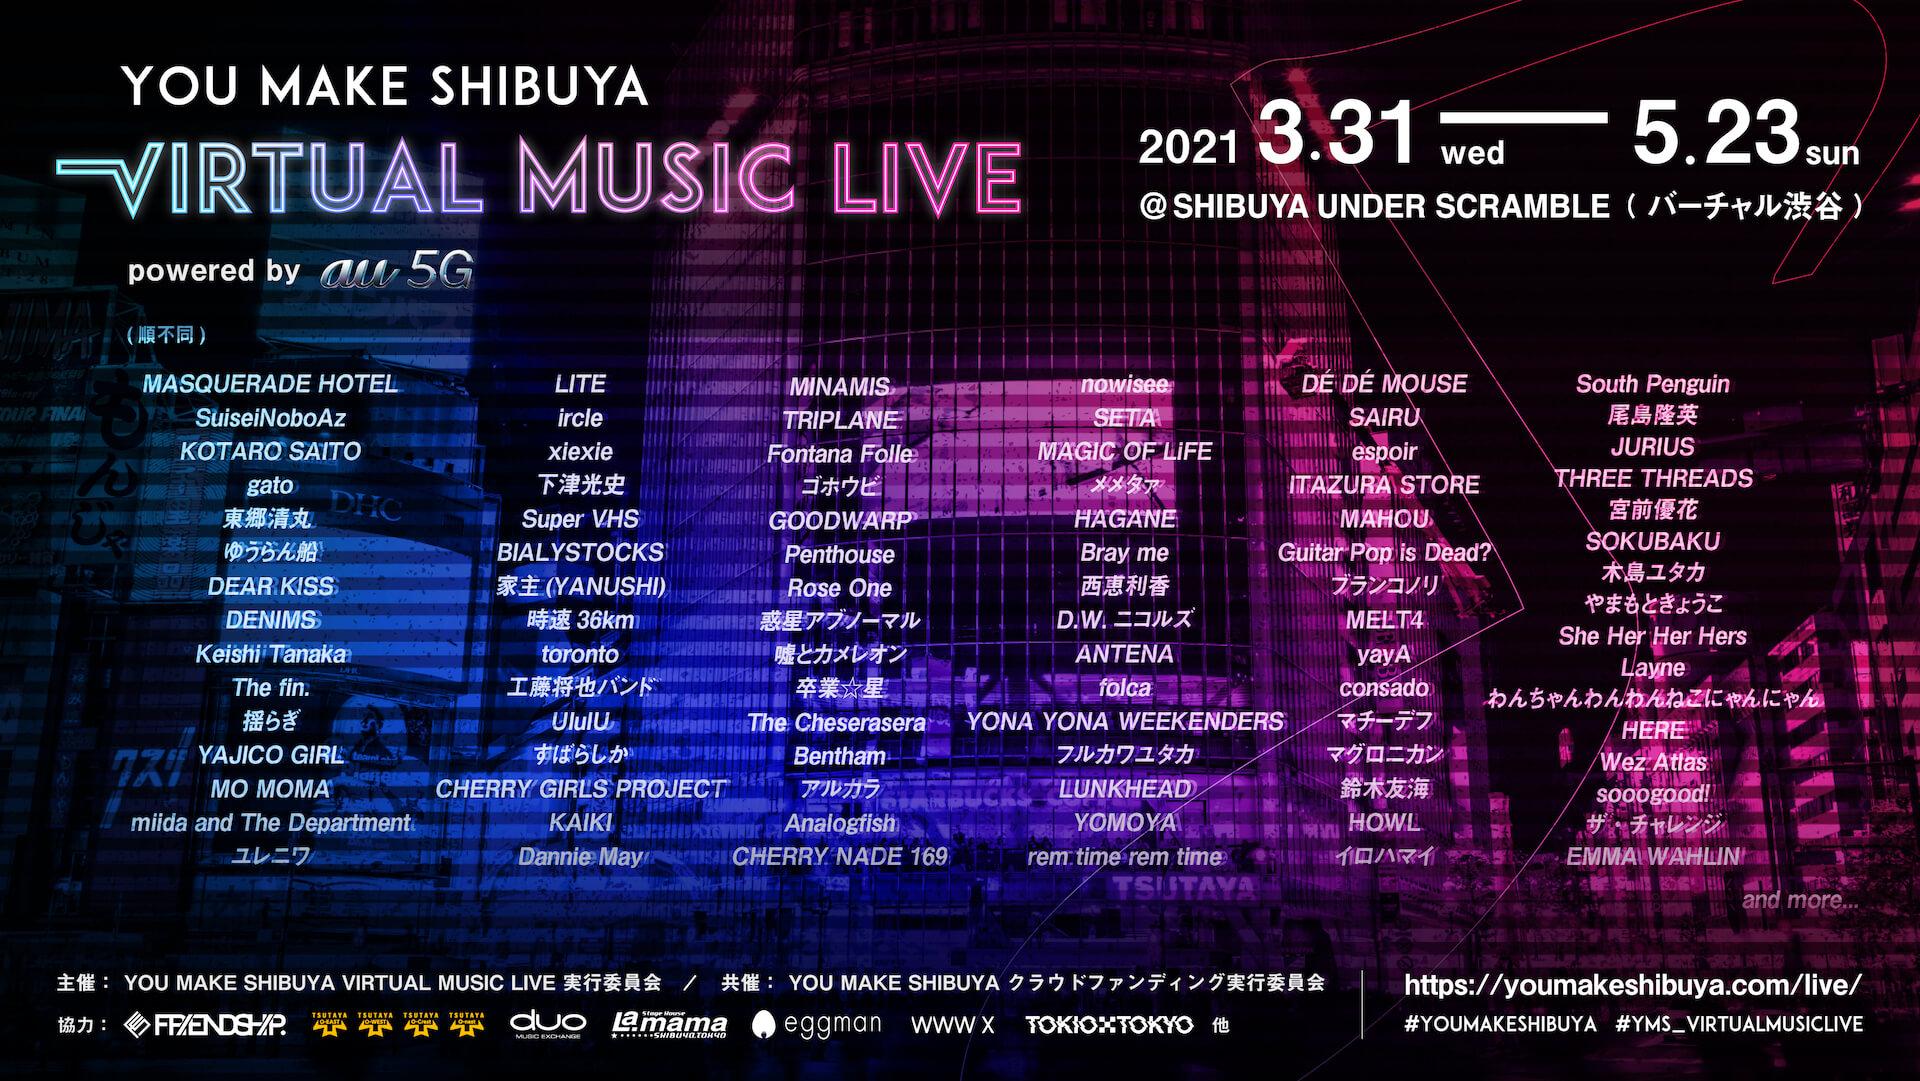 バーチャル渋谷にライブハウスがオープン!音楽ライブ<YOU MAKE SHIBUYA VIRTUAL MUSIC LIVE>総勢100組のラインナップが発表 music210414_virtualshibuya-210414_5